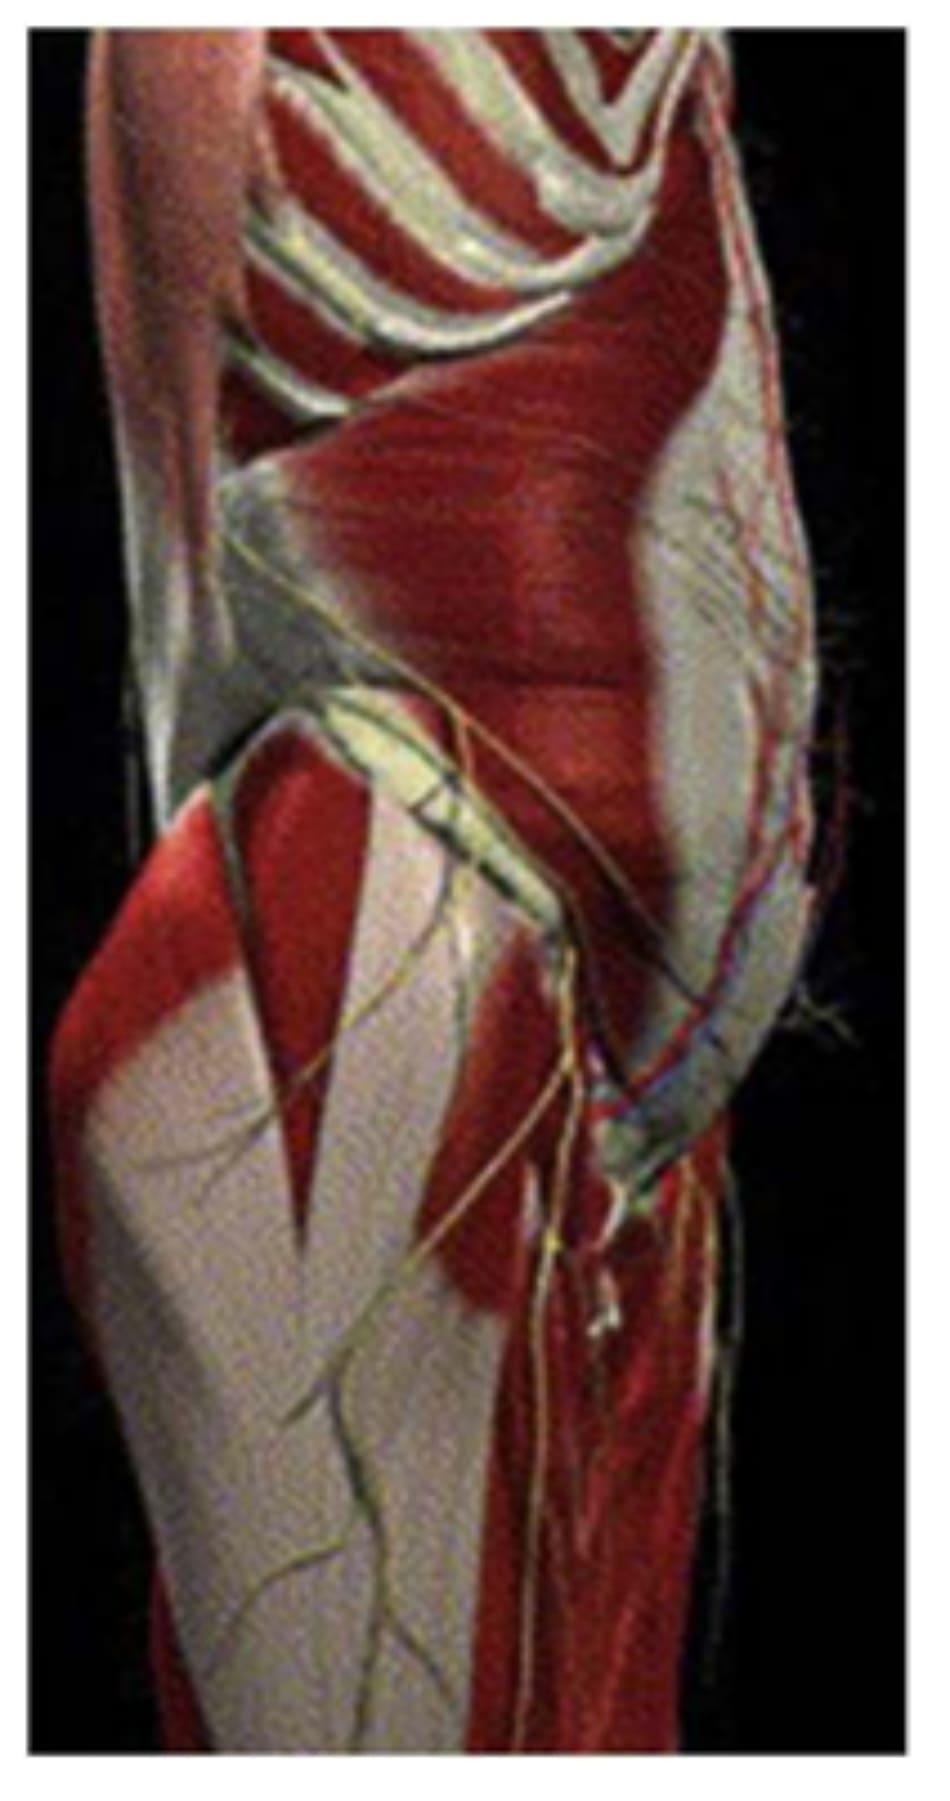 Hình. 15. Mạc đùi với các cân vùng mông-thắt lưng chậu đã được loại bỏ.